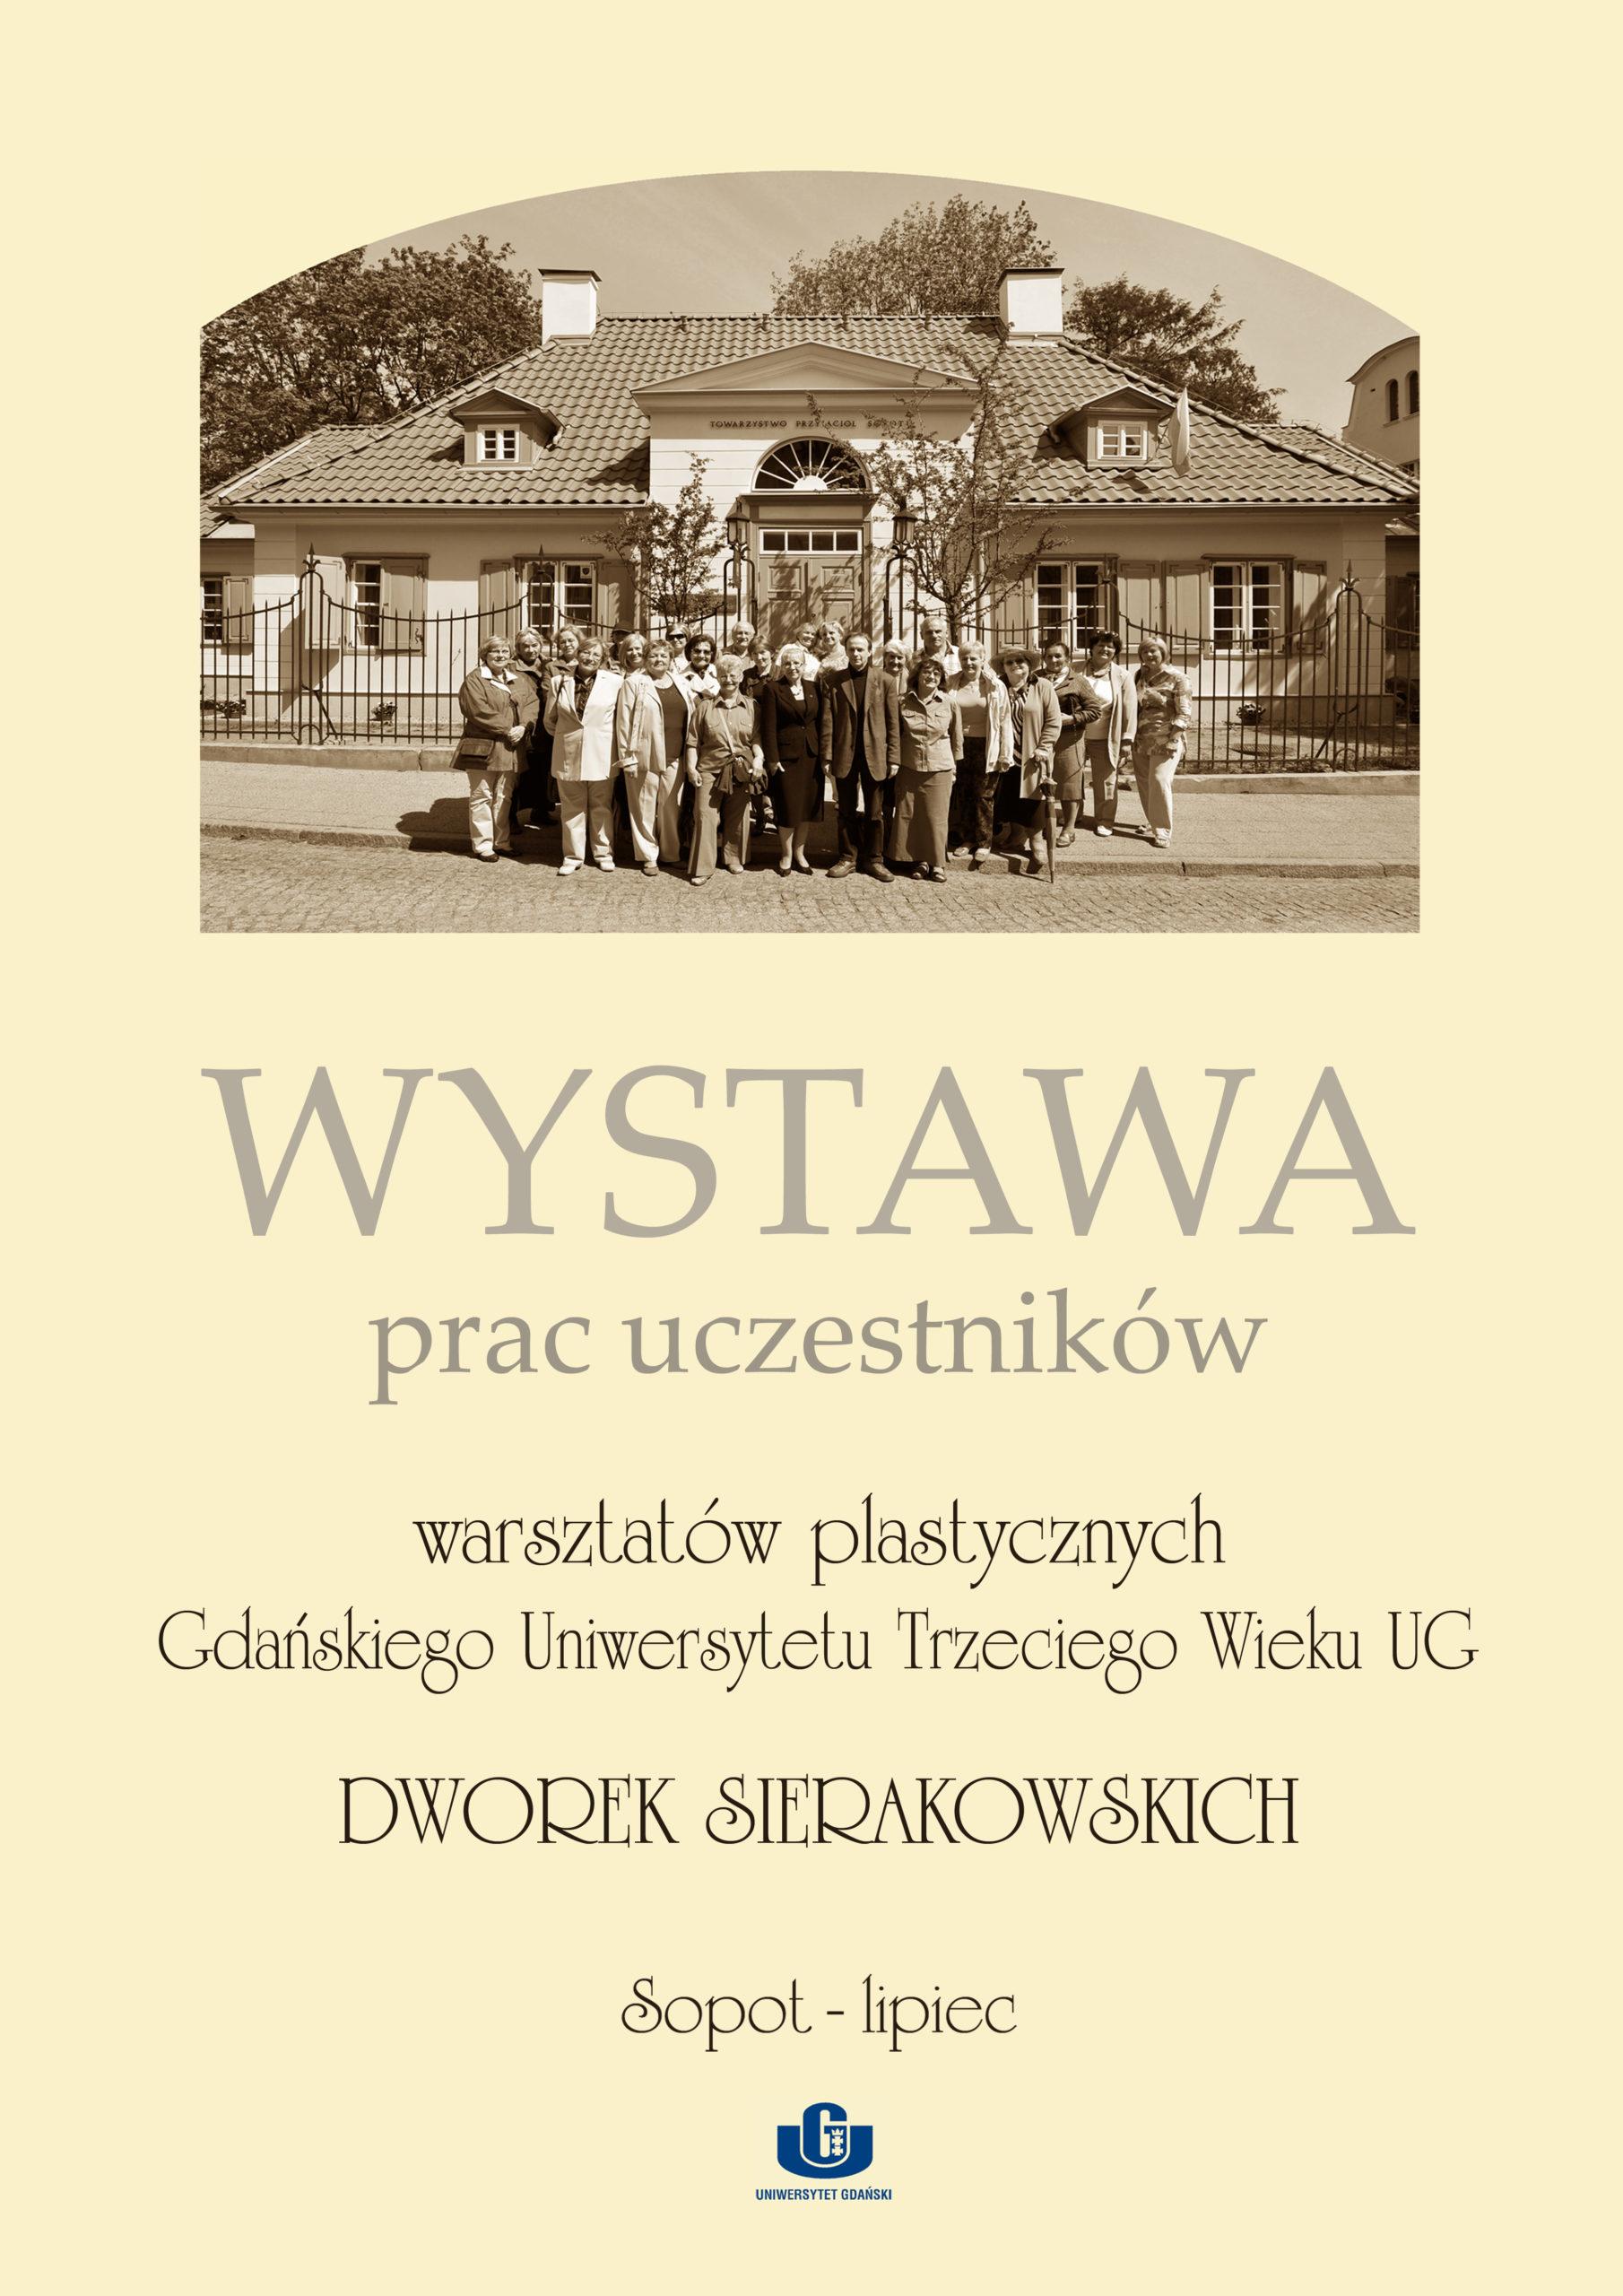 Wystawa słuchaczy GUTW UG - plakat informacyjny, Sopot 2011